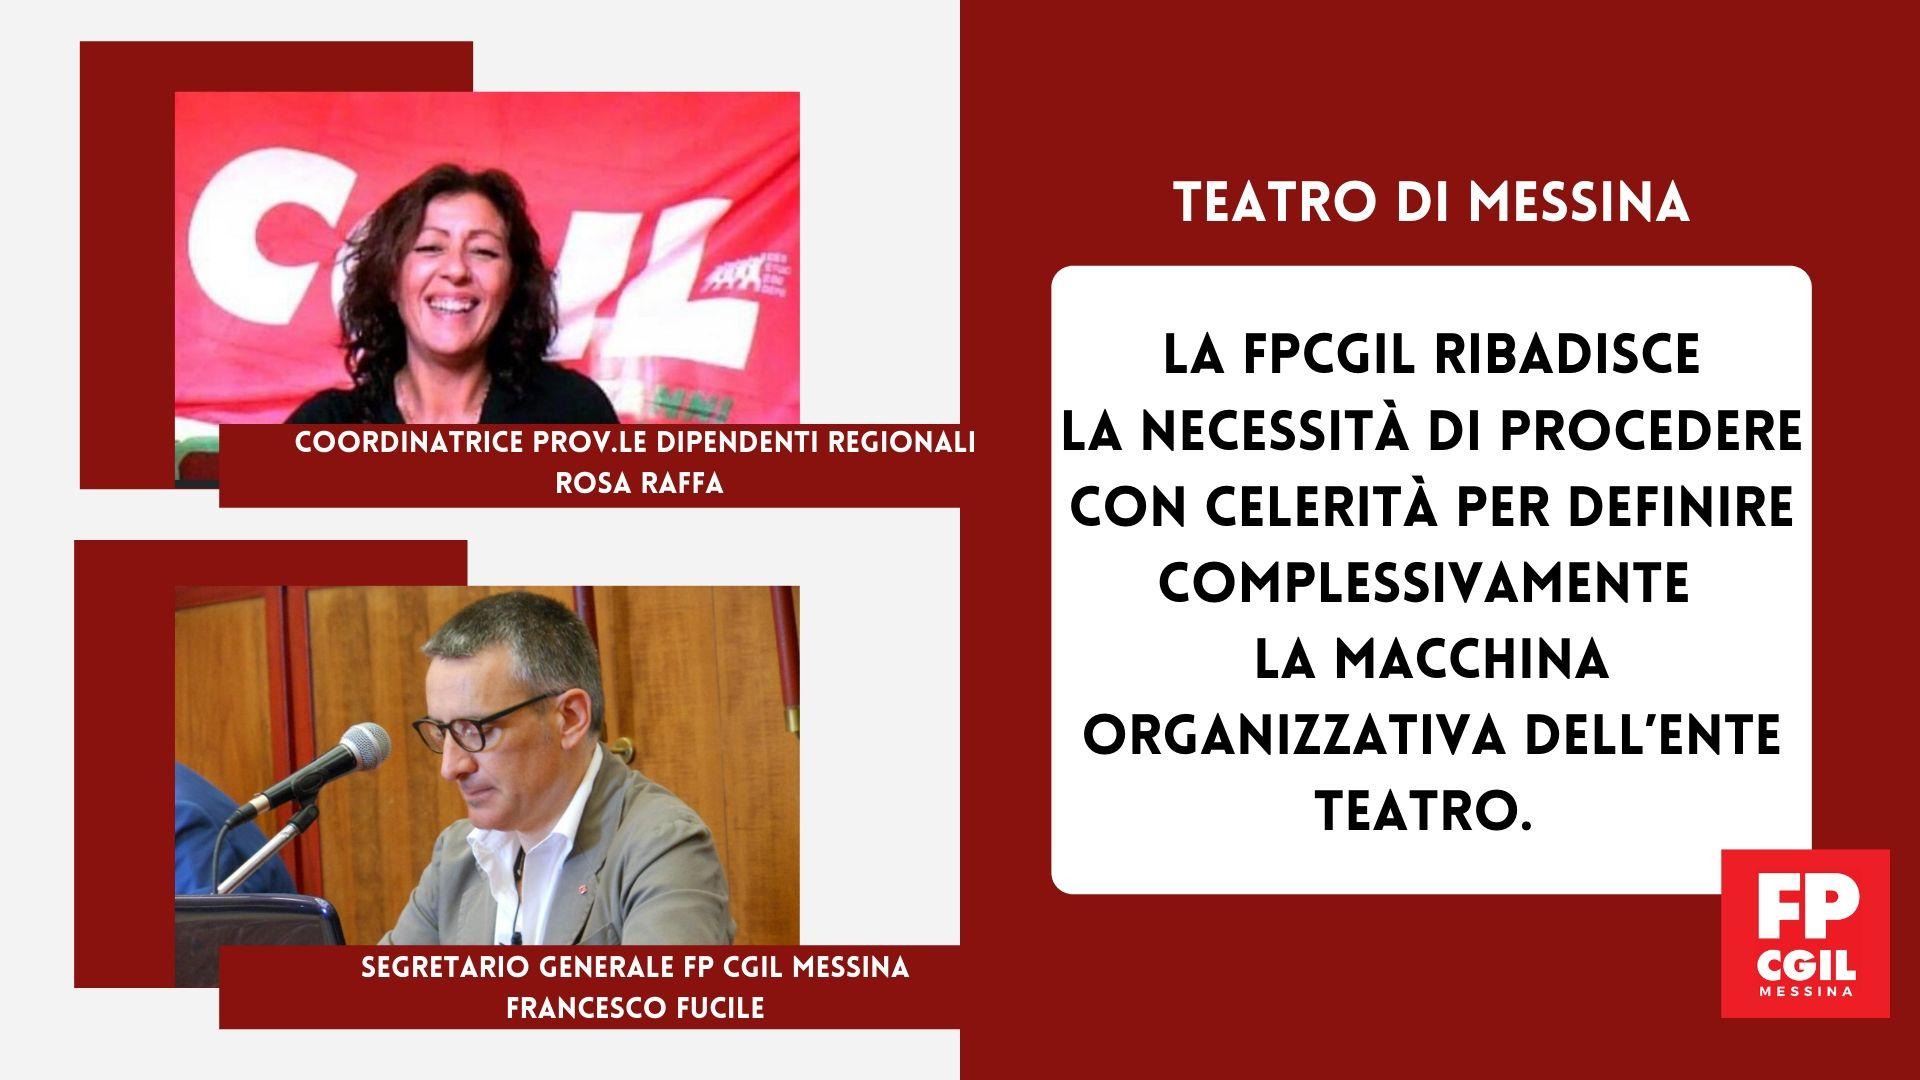 TEATRO di MESSINA. La FPCGIL ribadisce la necessità di procedere con celerità per definire complessivamente la macchina organizzativa dell'Ente Teatro.